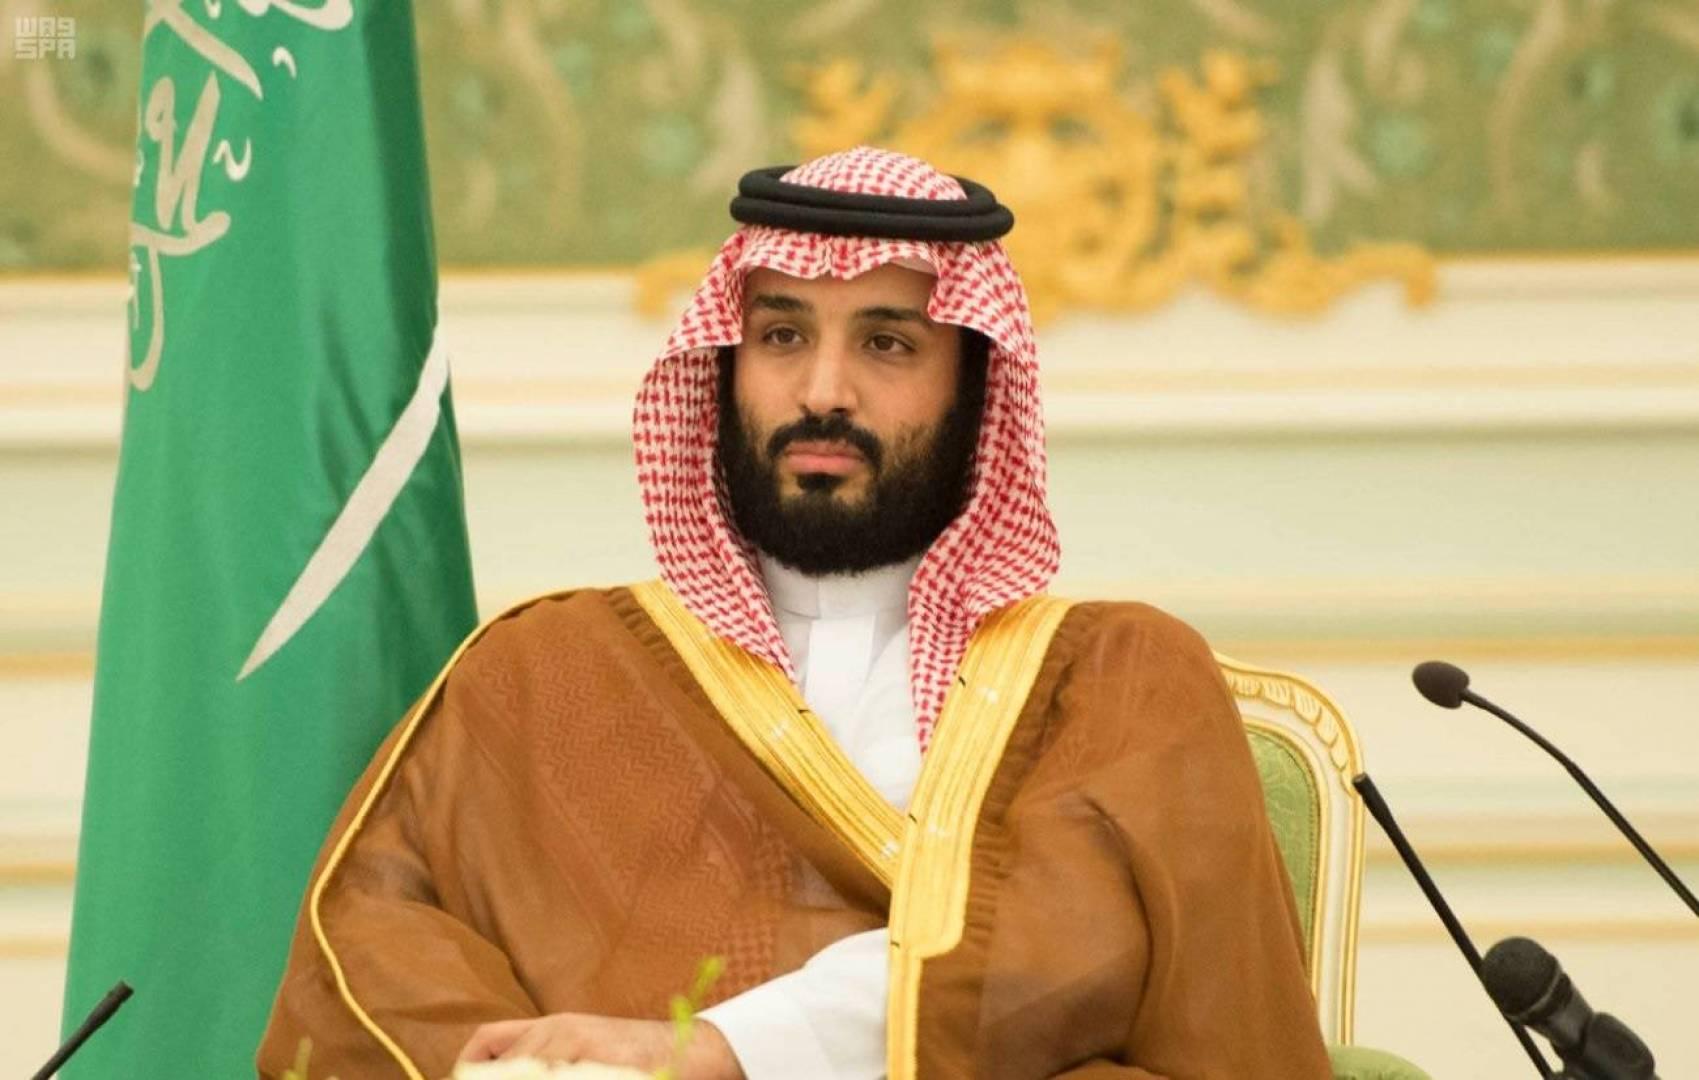 الأمير محمد بن سلمان: صندوق الاستثمارات ضاعف أصوله إلى 1,8 تريليون ريال